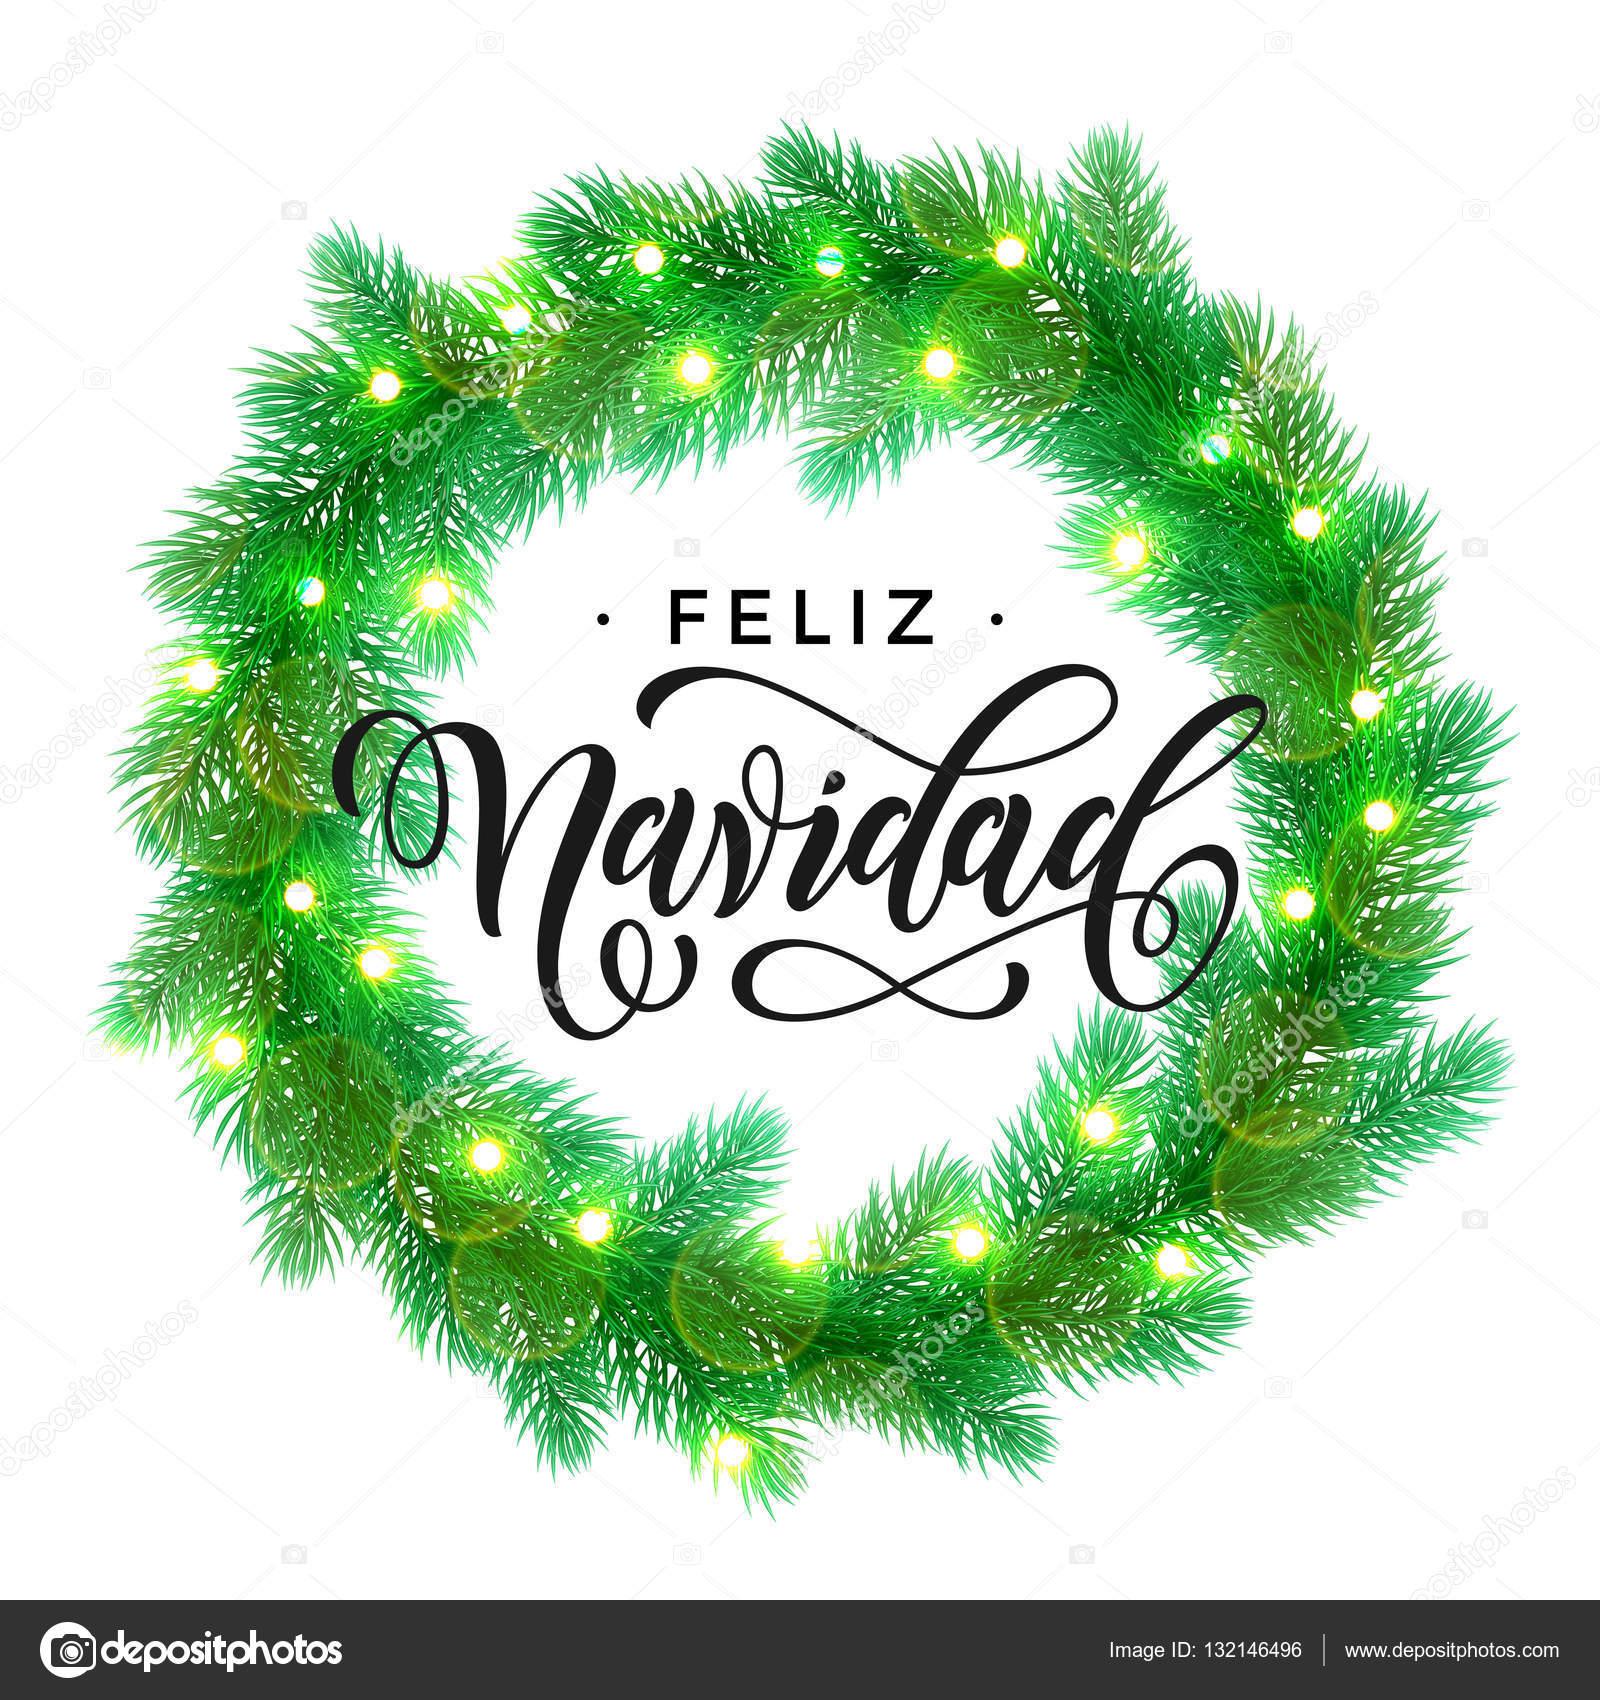 Decoration De Lumieres De Noel Espagnol Feliz Navidad Design Vecteur